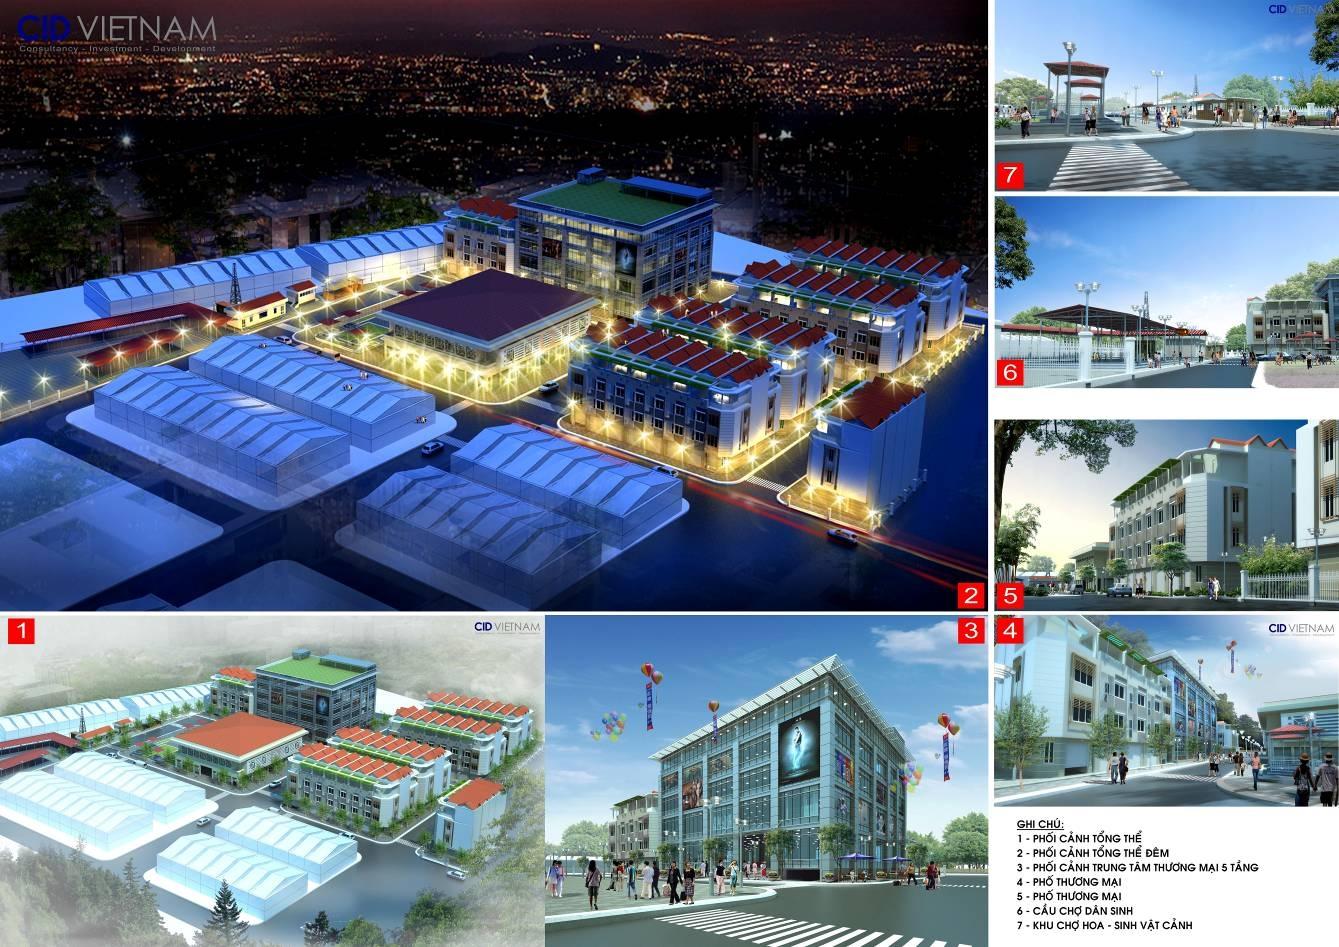 Trung tâm thương mại, dịch vụ tổng hợp Trần Cao